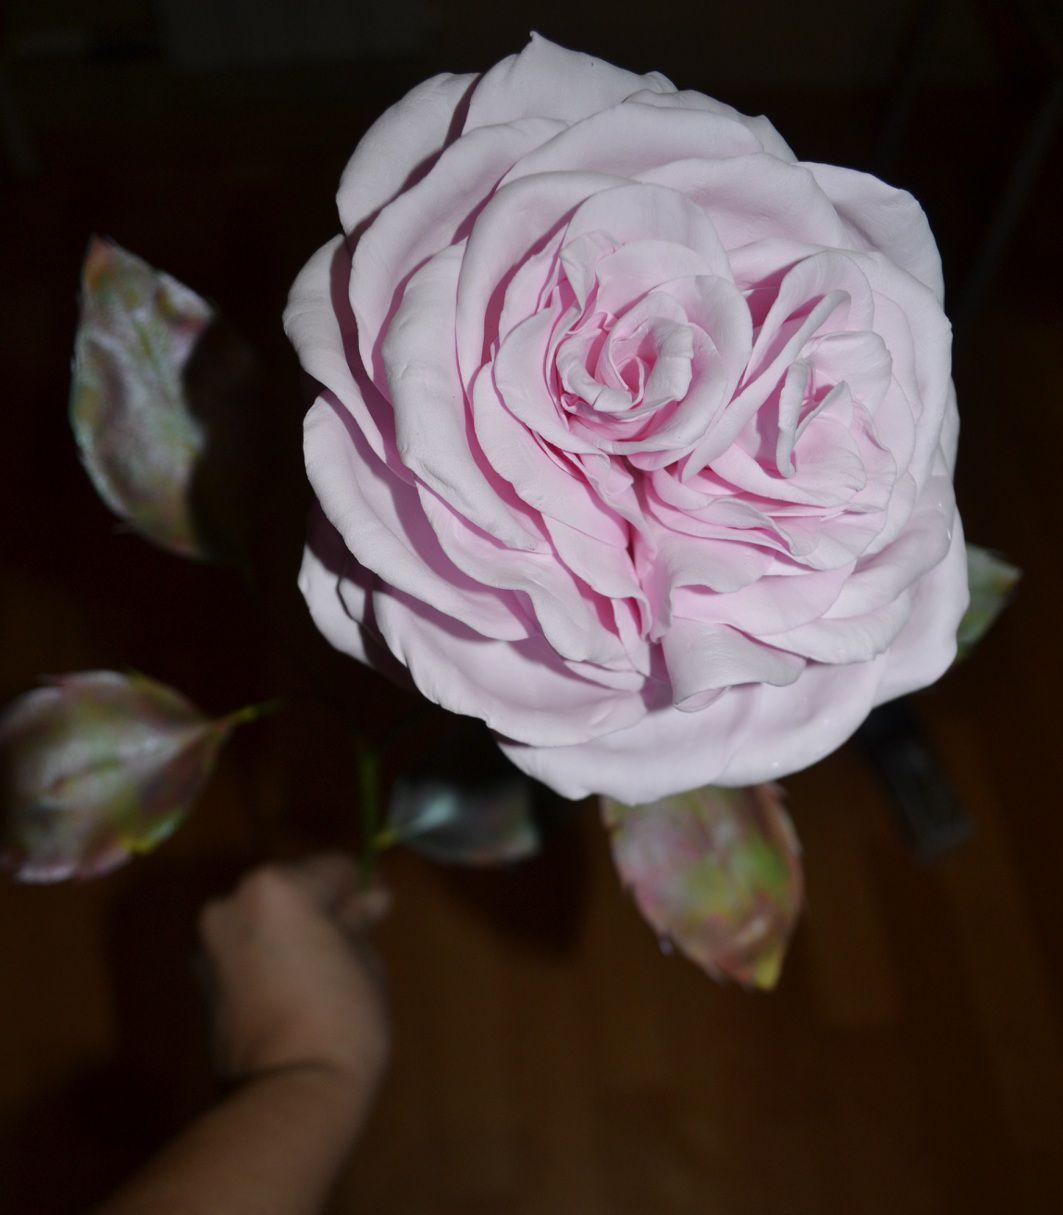 ручнаяработа розаизфоамирана сердце деньвлюблённых валентиновдень праздник роза молодожёнам